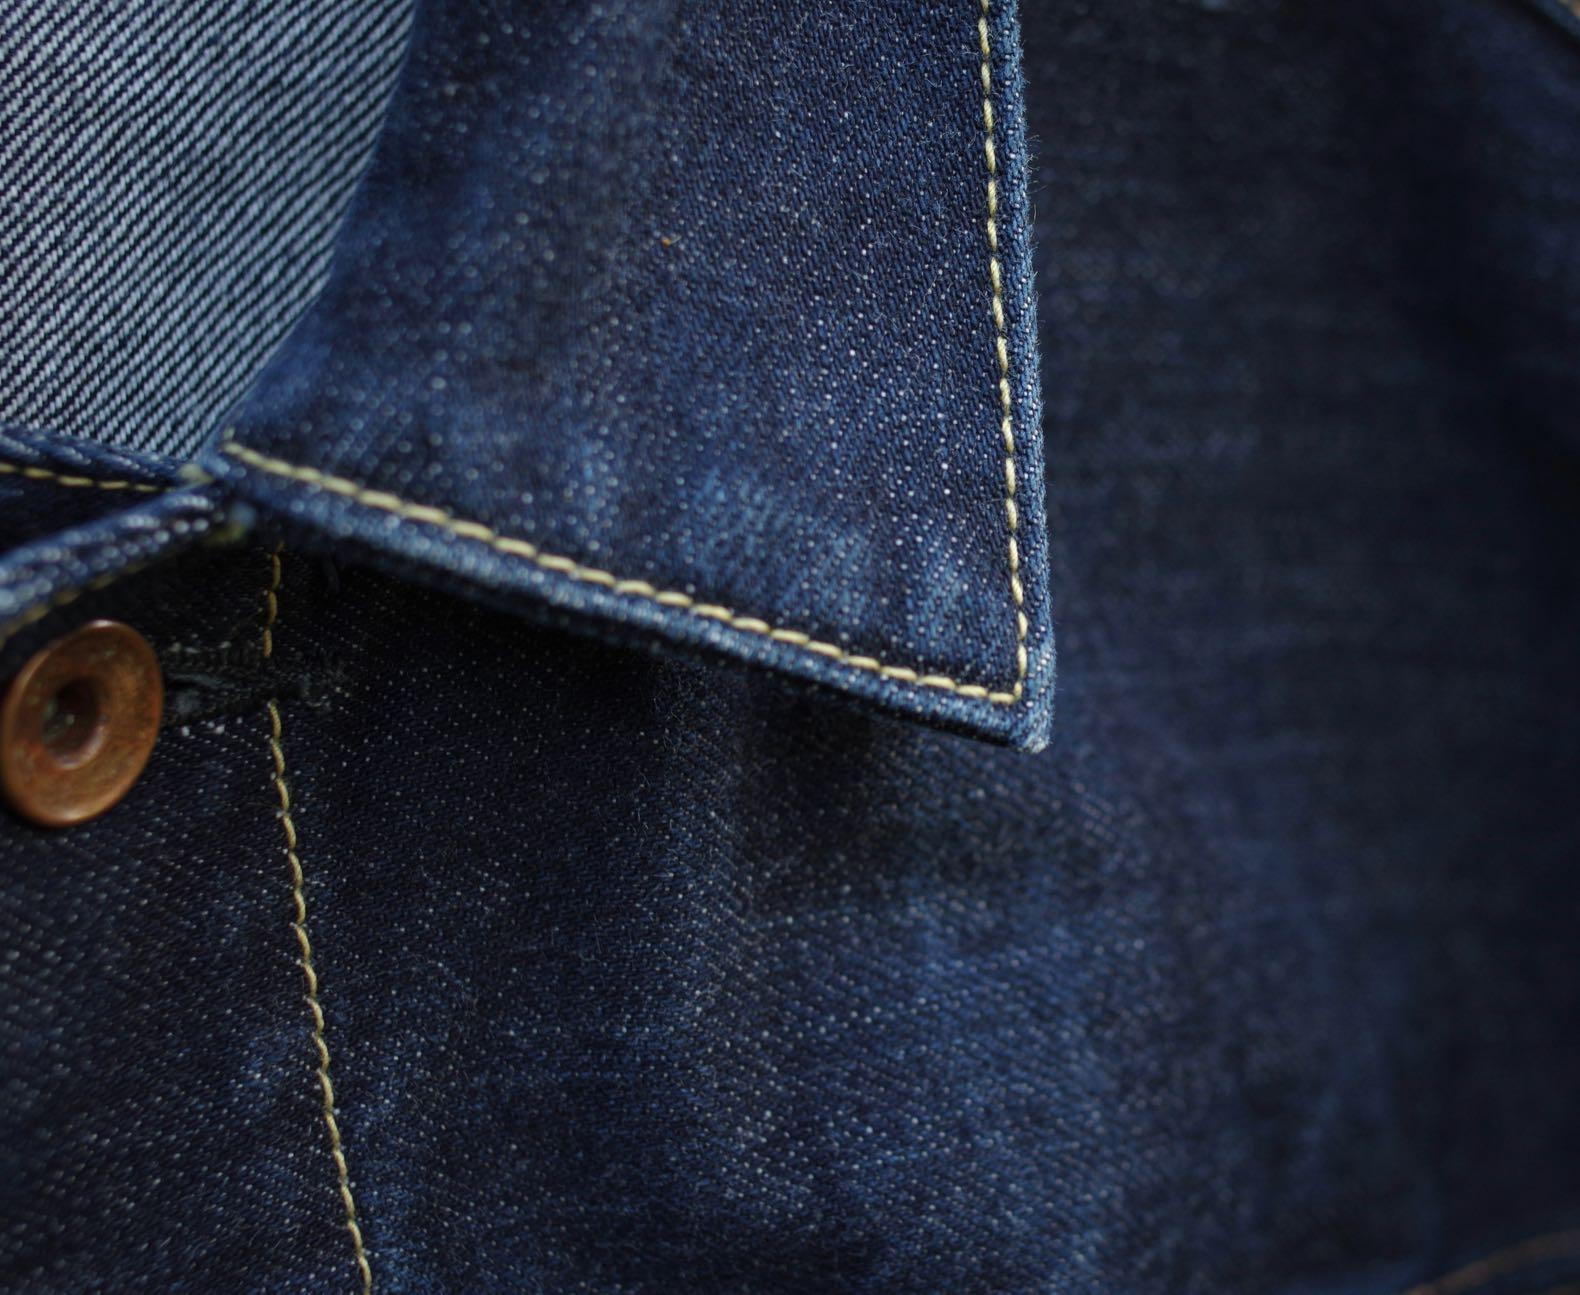 détails de point de couture de col de veste en jean